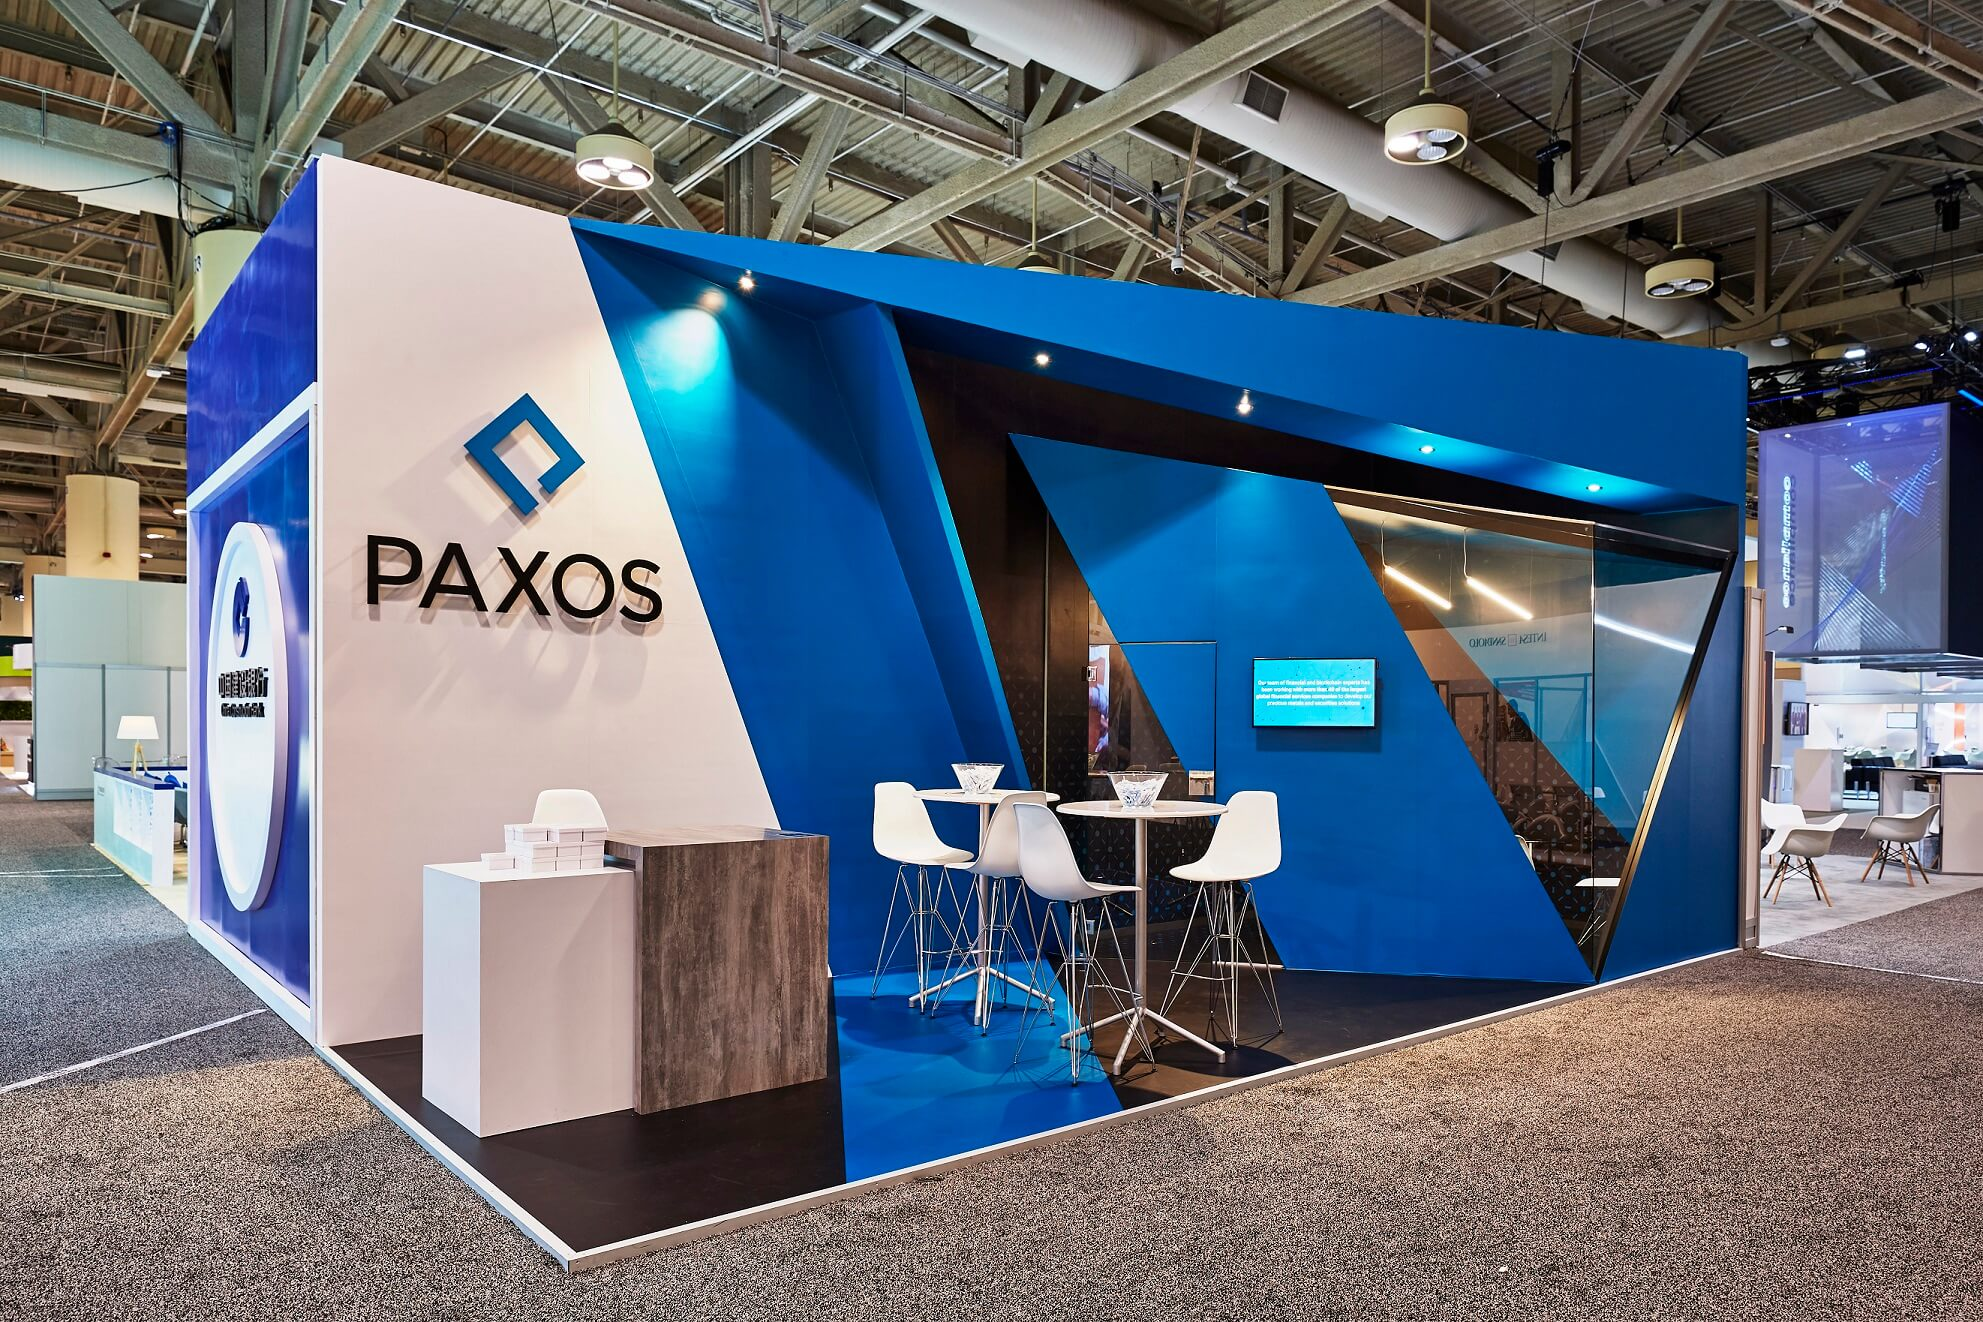 Paxos, Sibos 2017